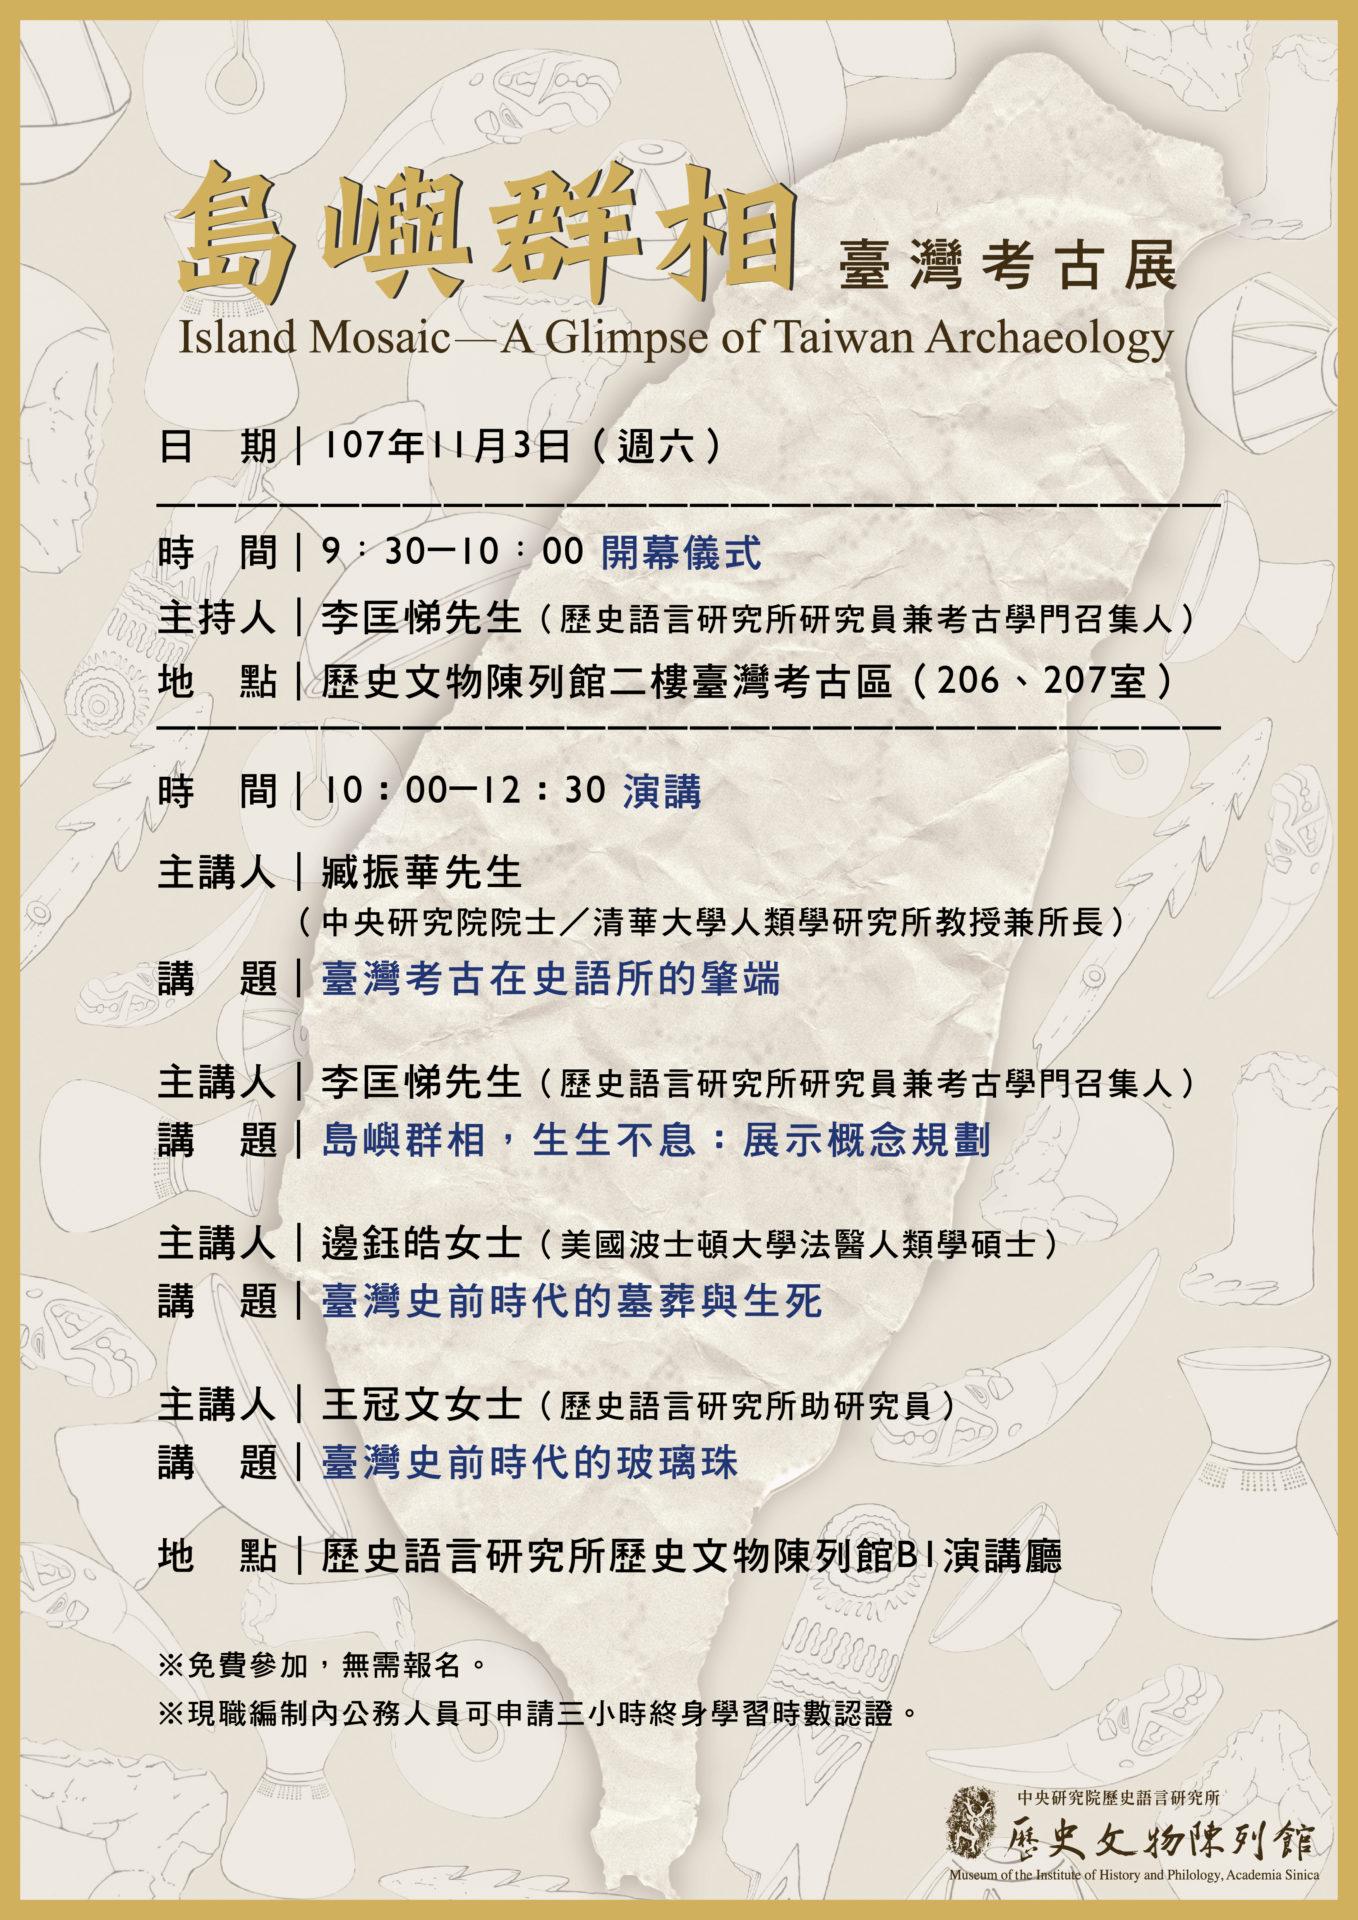 中央研究院歷史文物陳列館:2018/11/4 【島嶼群相台灣考古展活動】